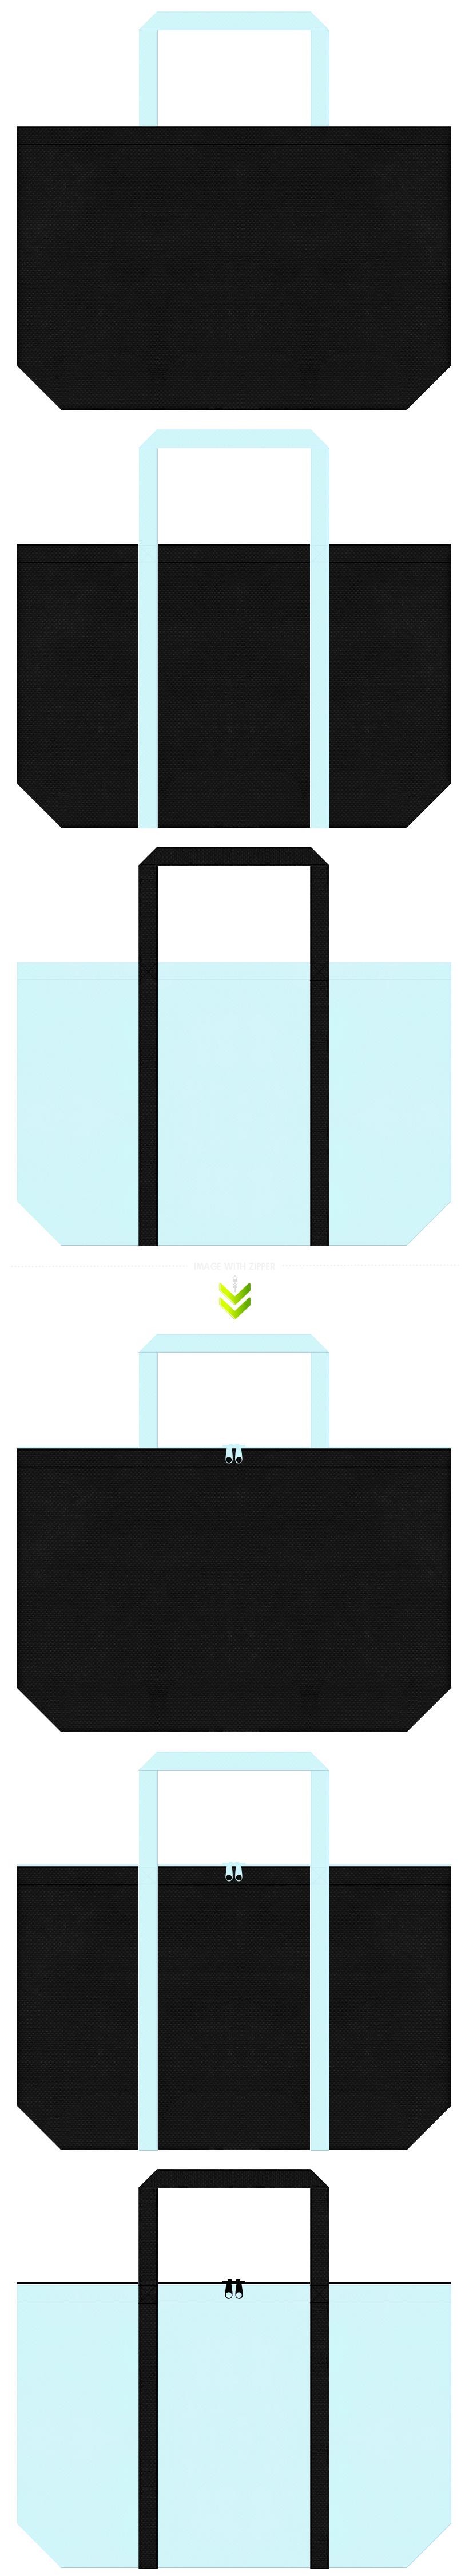 黒色と水色の不織布エコバッグのデザイン。